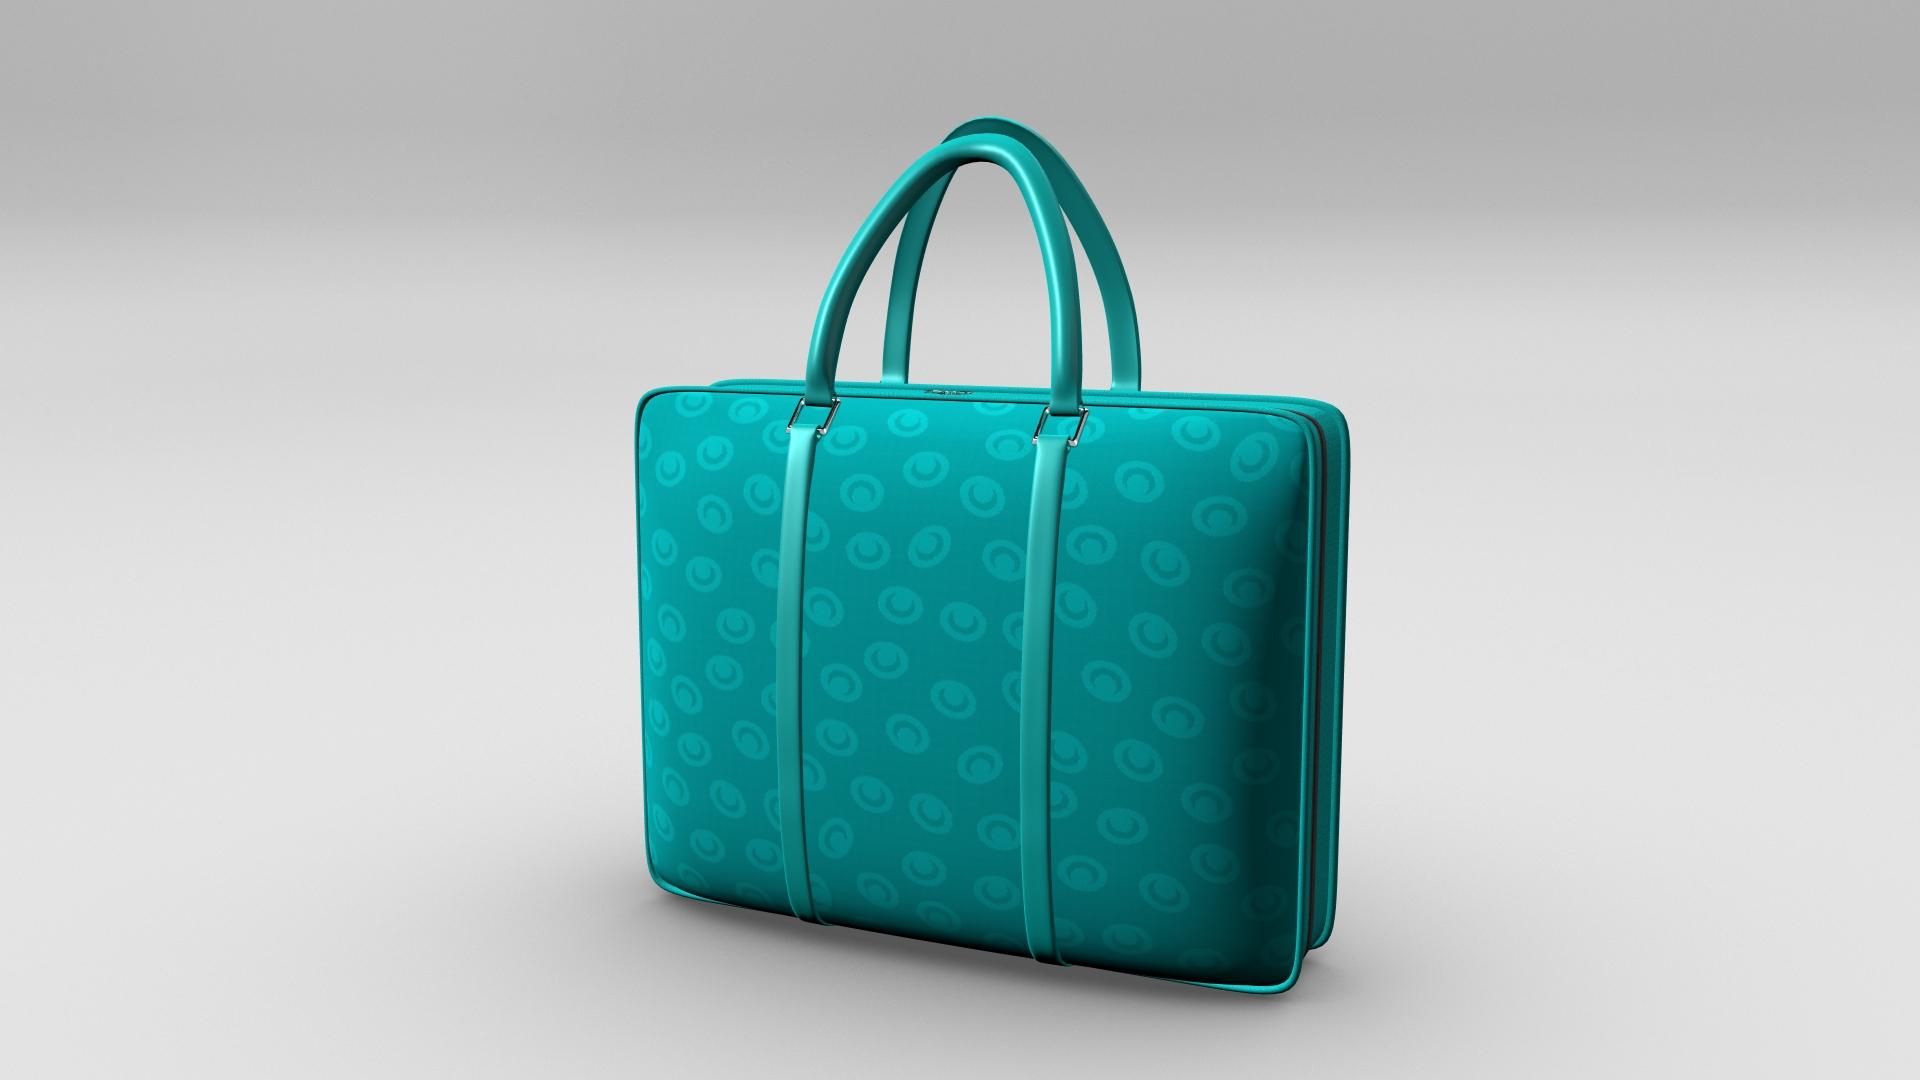 Ladies Handbag 3d model max fbx ma mb obj 286058